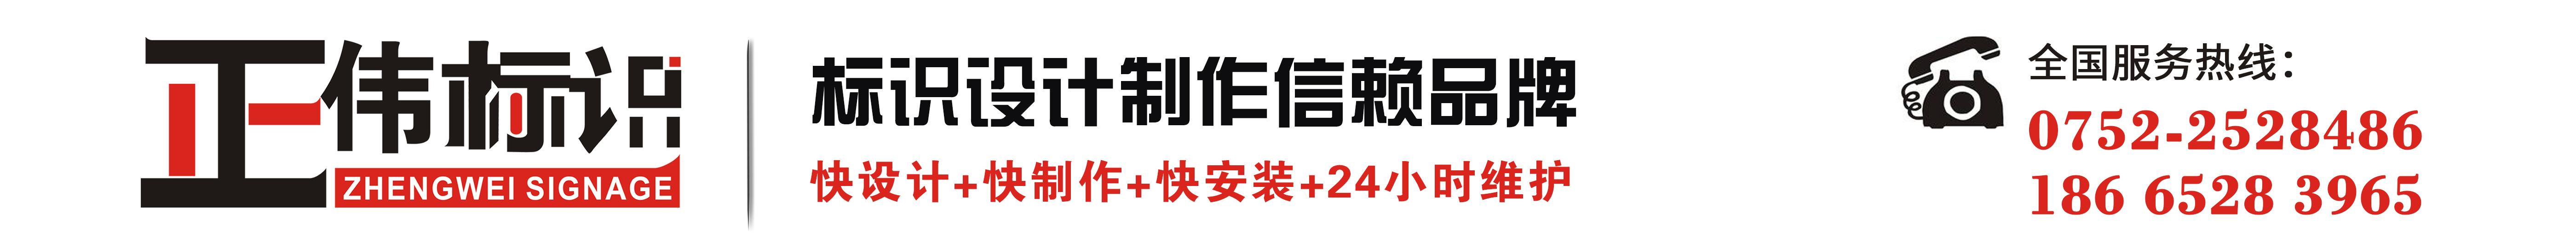 惠州市正伟标识制作有限公司